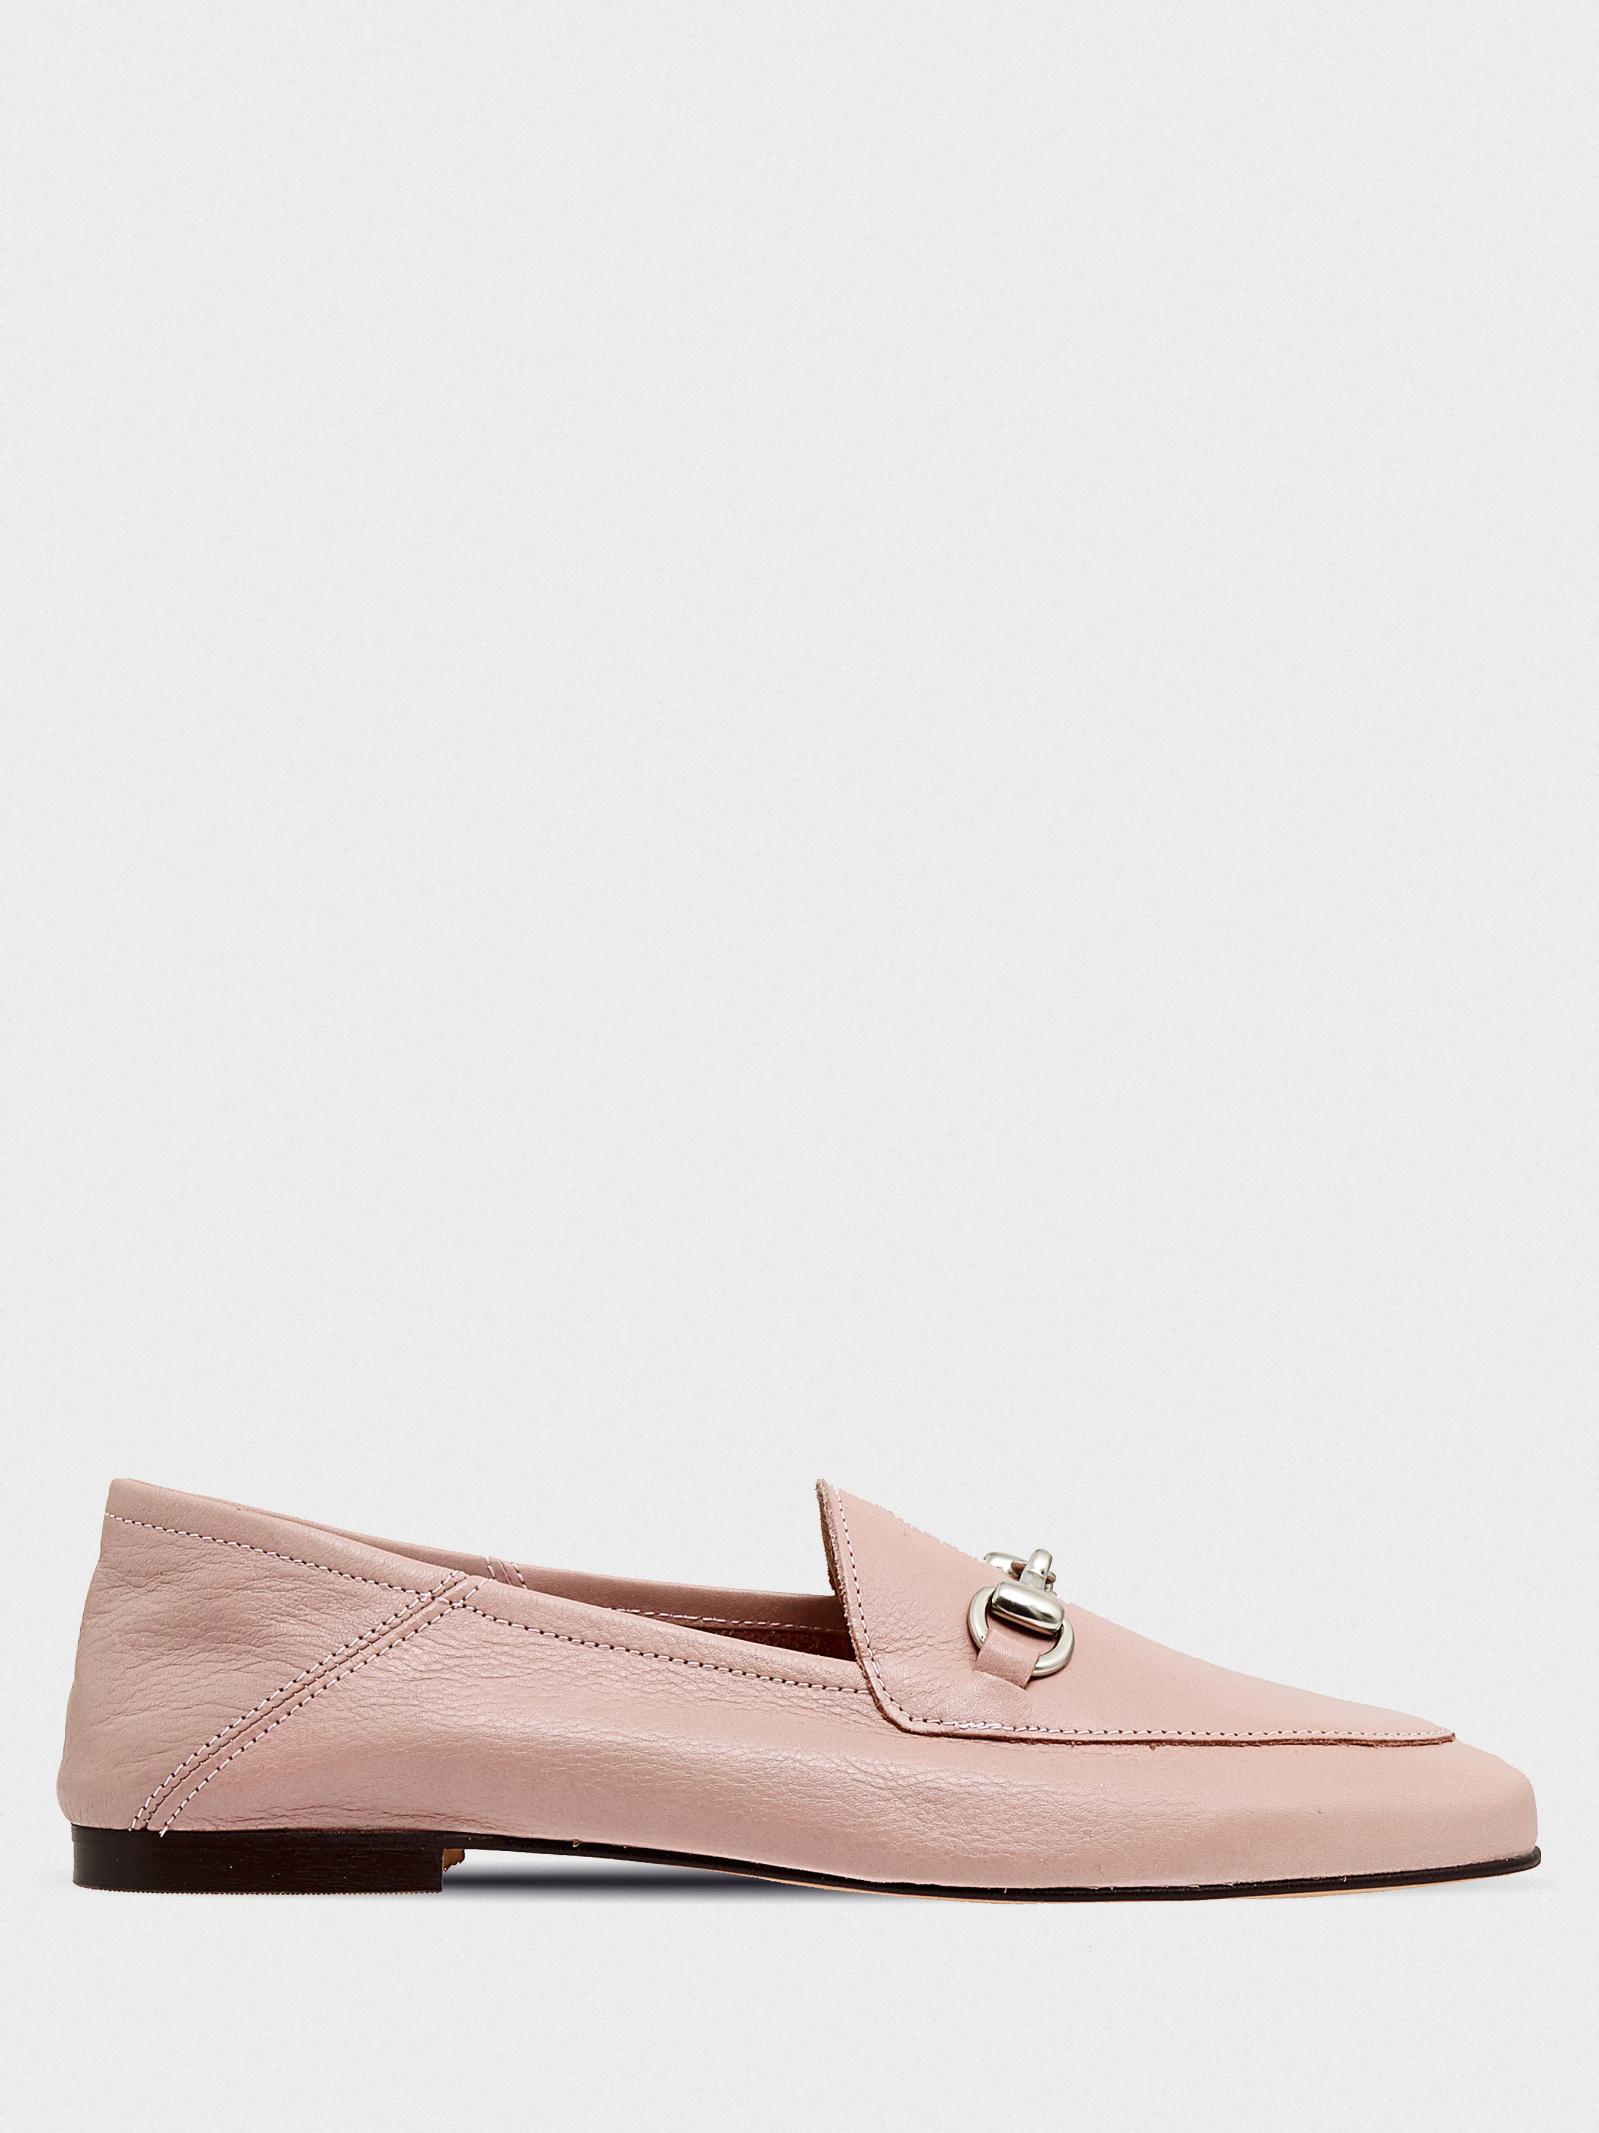 Туфлі жіночі Filipe Shoes 10830 - фото